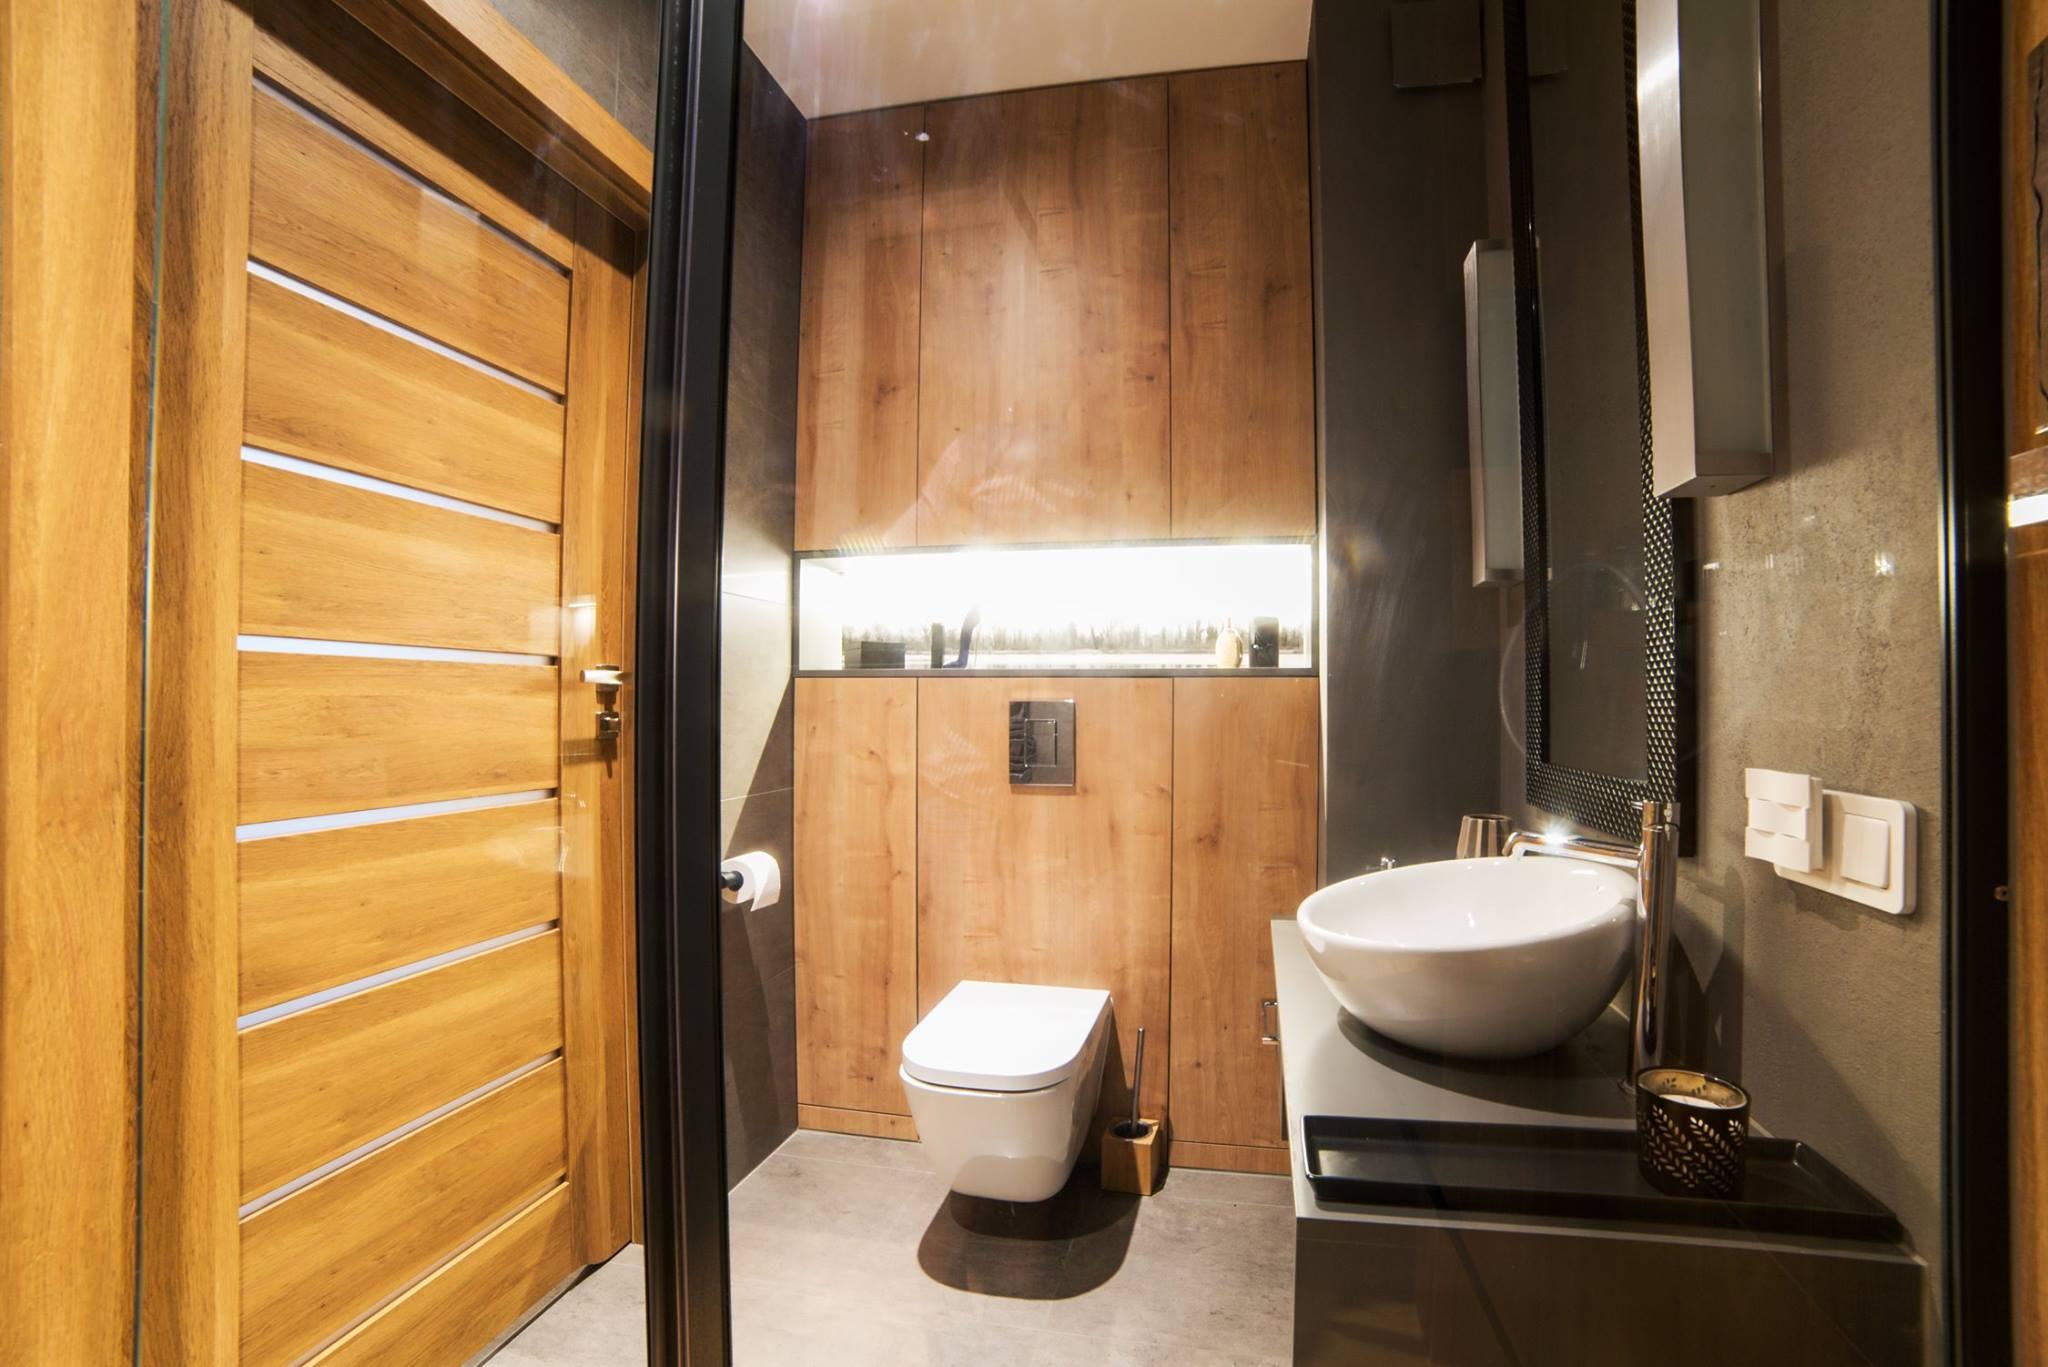 łazienka zabudowa wc.jpg